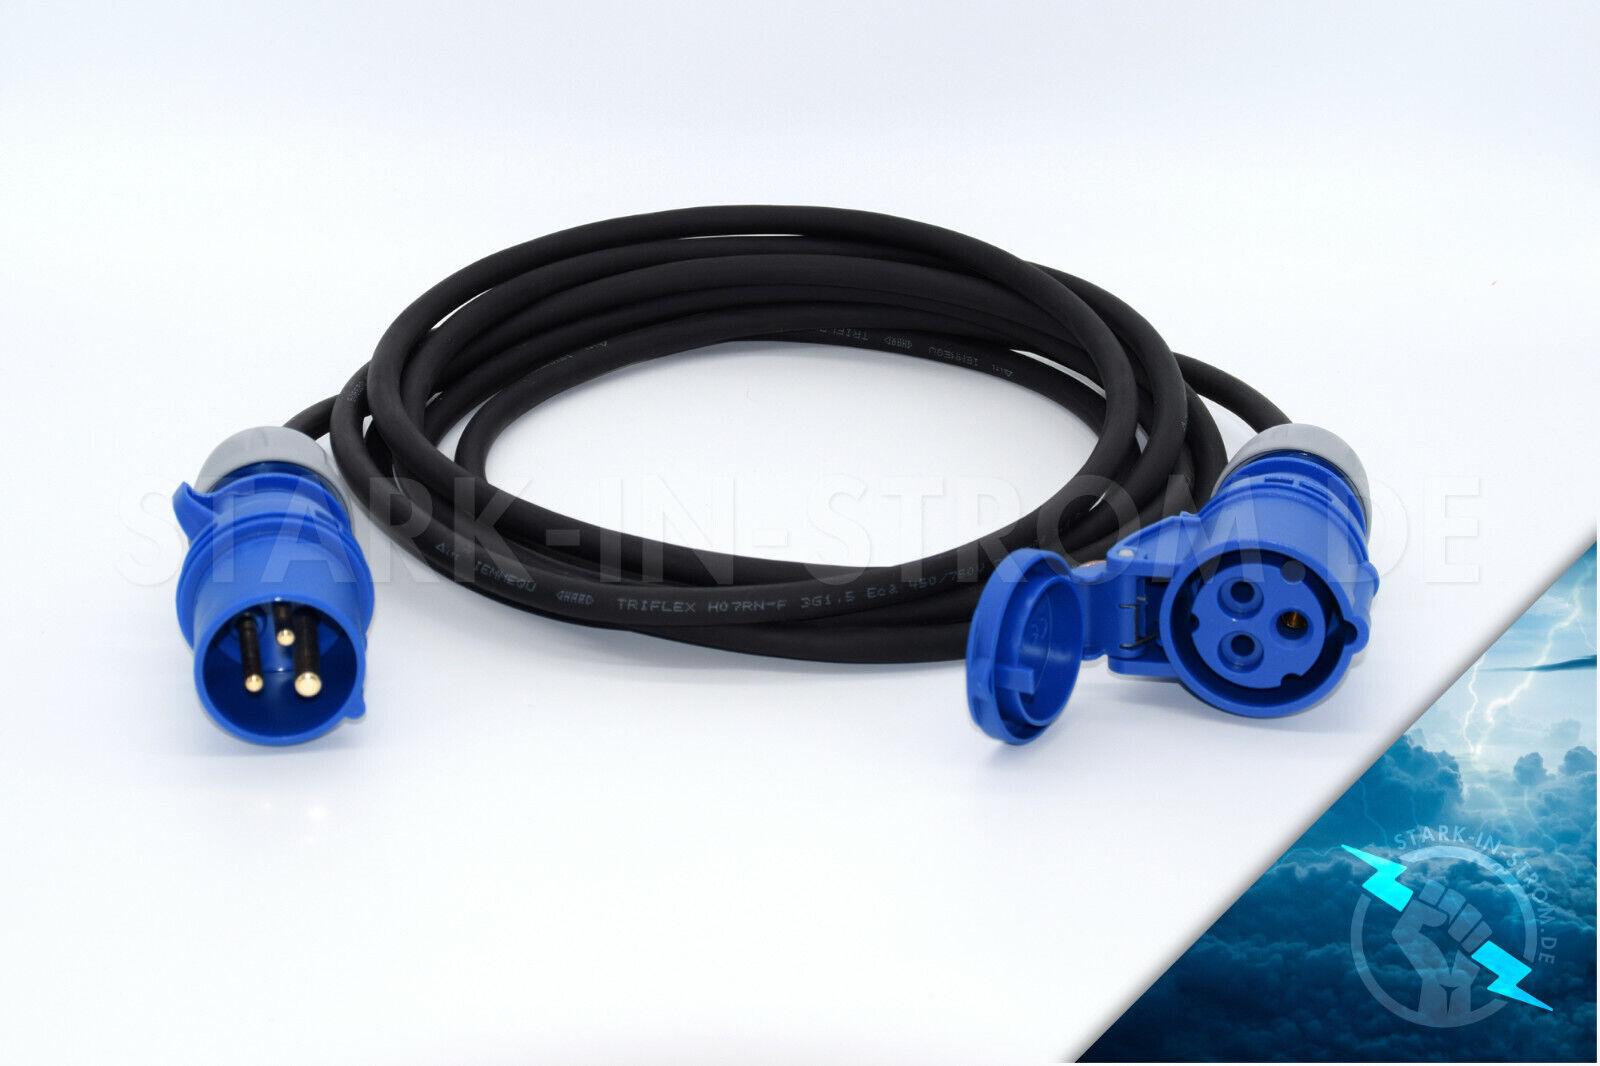 230V CEE Verlängerungskabel (Camping Kabel) Länge Wählbar 10-50 Meter   1,5 mm ²    Zu einem erschwinglichen Preis